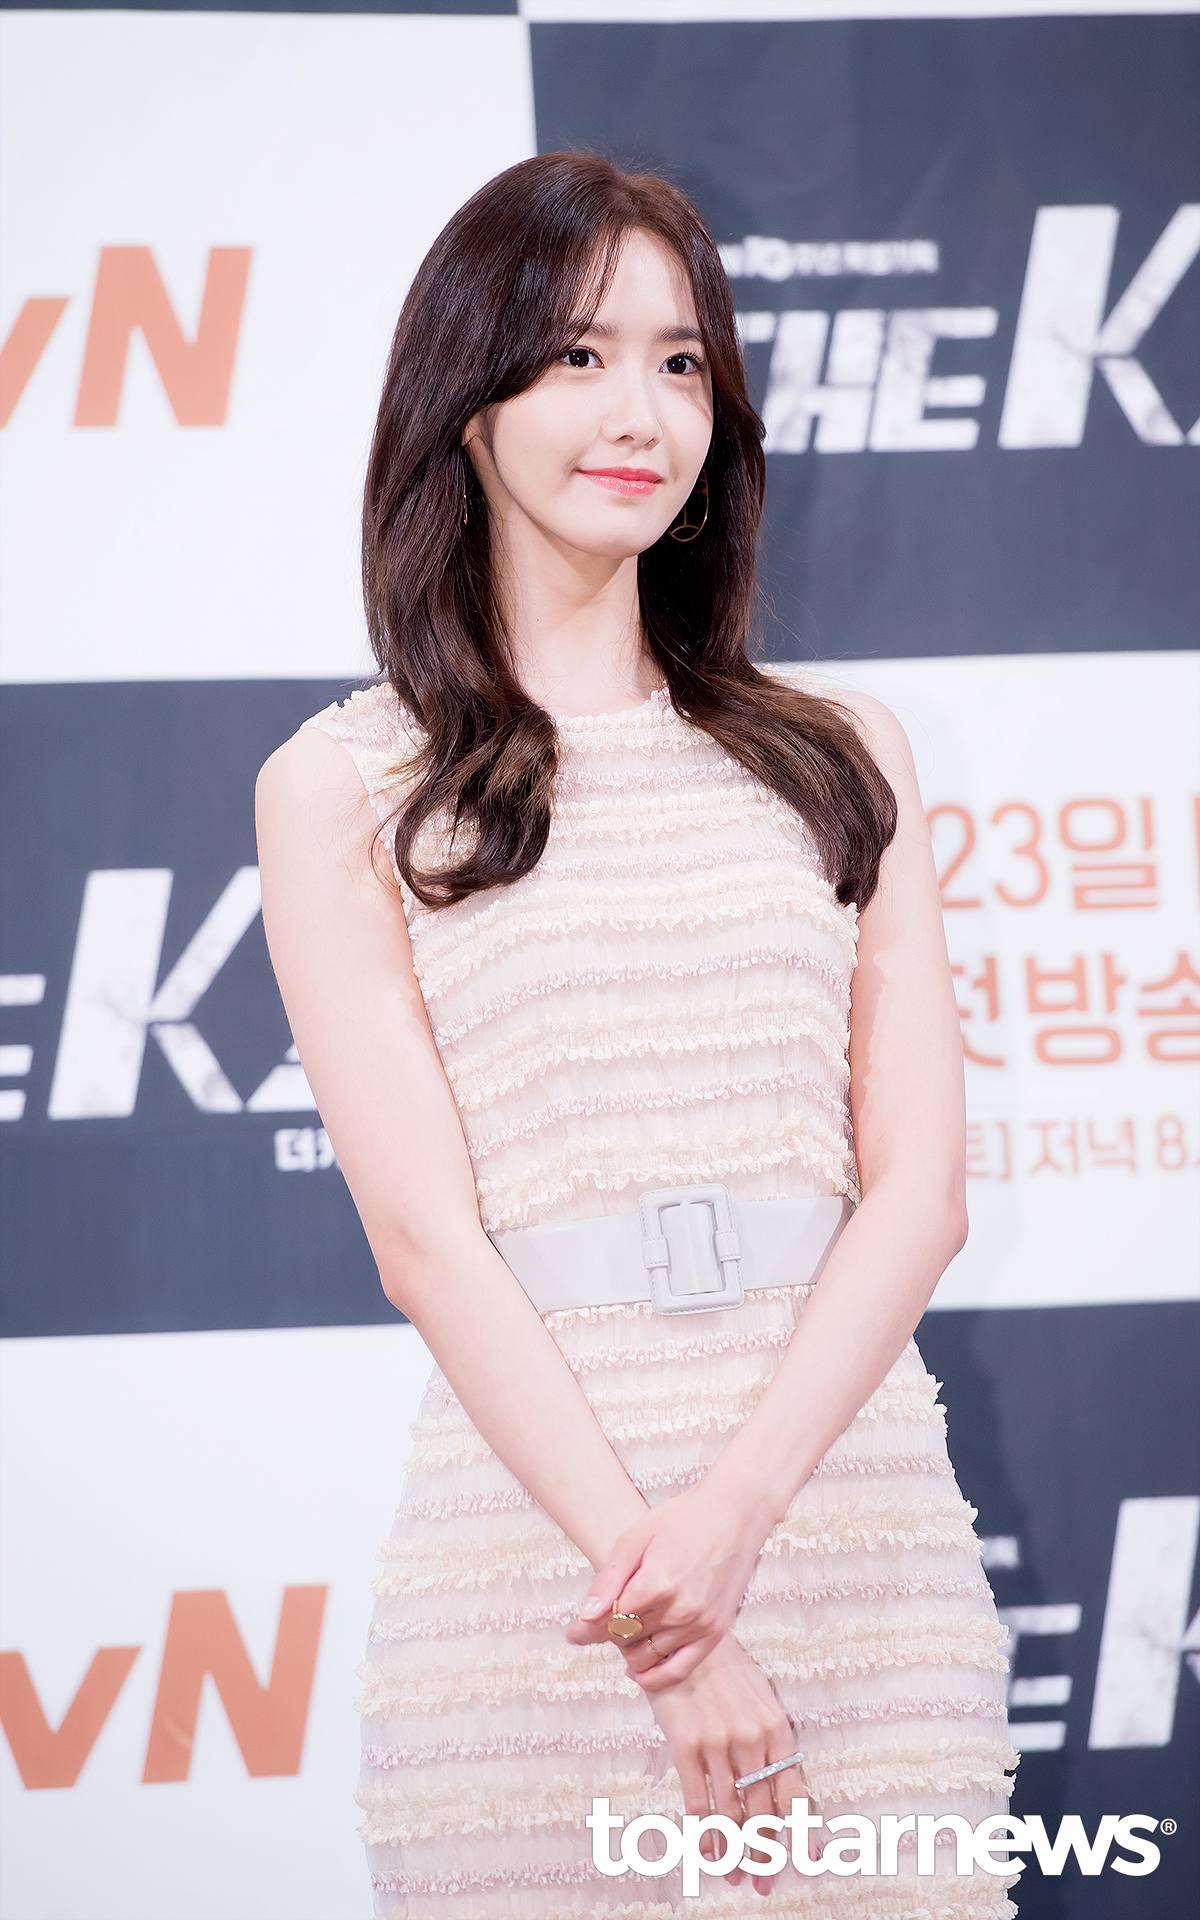 6位 潤娥(少女時代) 1990年生 得票數:約28萬1千票